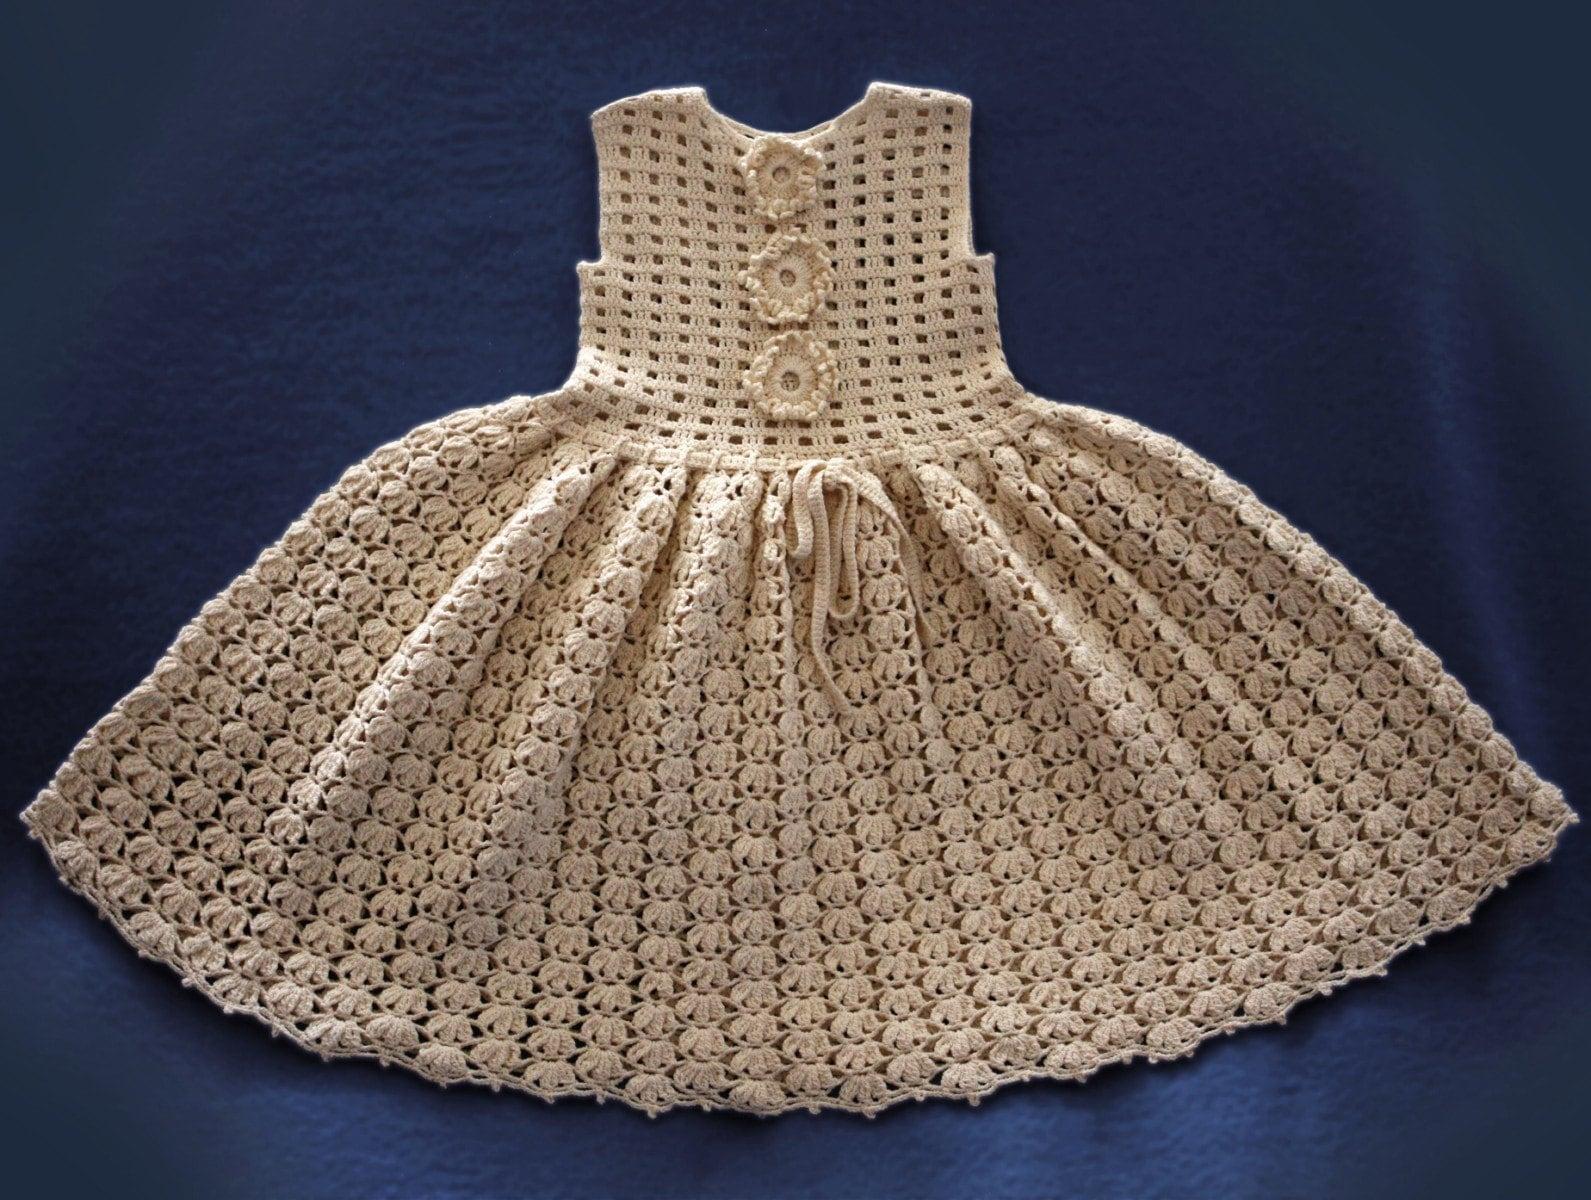 Vintage Crochet Baby Dress Pattern : Baby Dress Crochet Pattern / Vintage by Illiana on Etsy